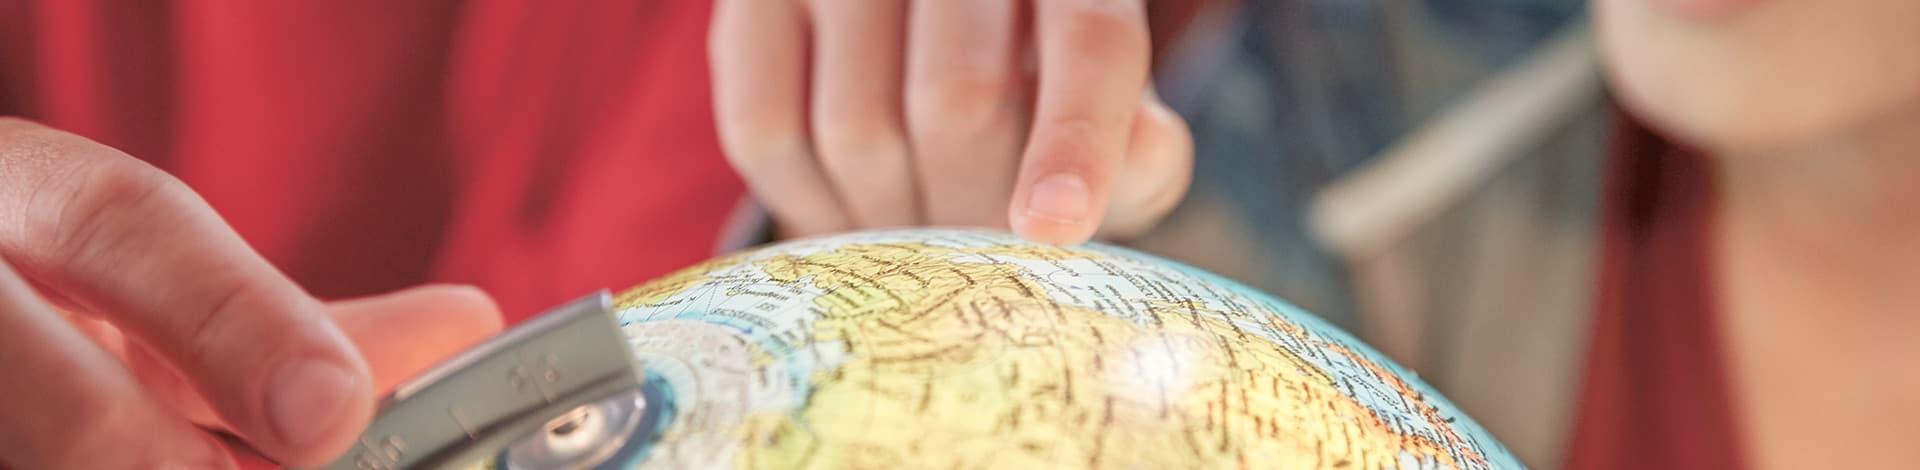 Parta senza pensieri per il suo viaggio intorno al mondo